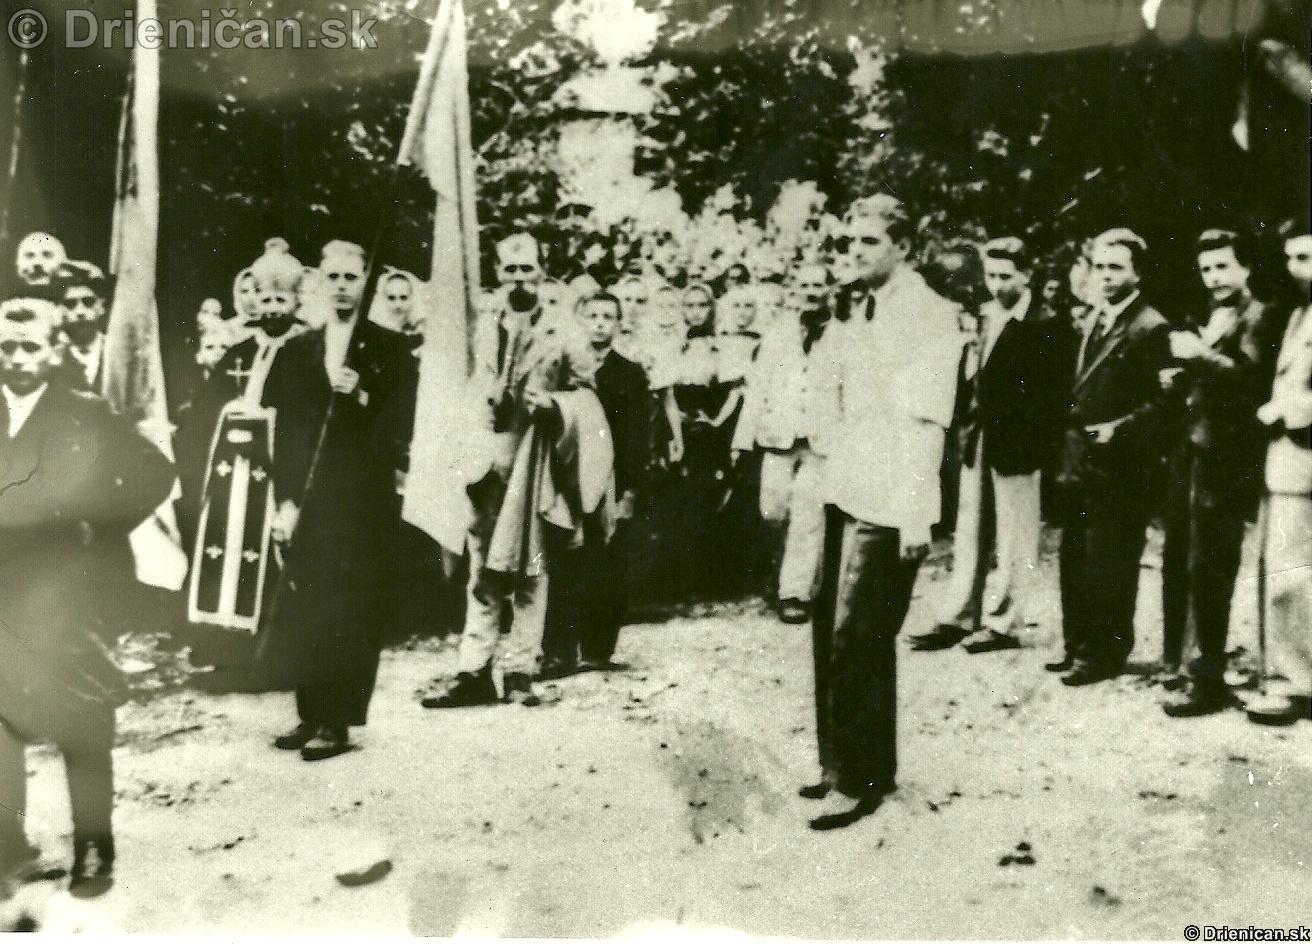 Pohreb partizána,rok neznámy